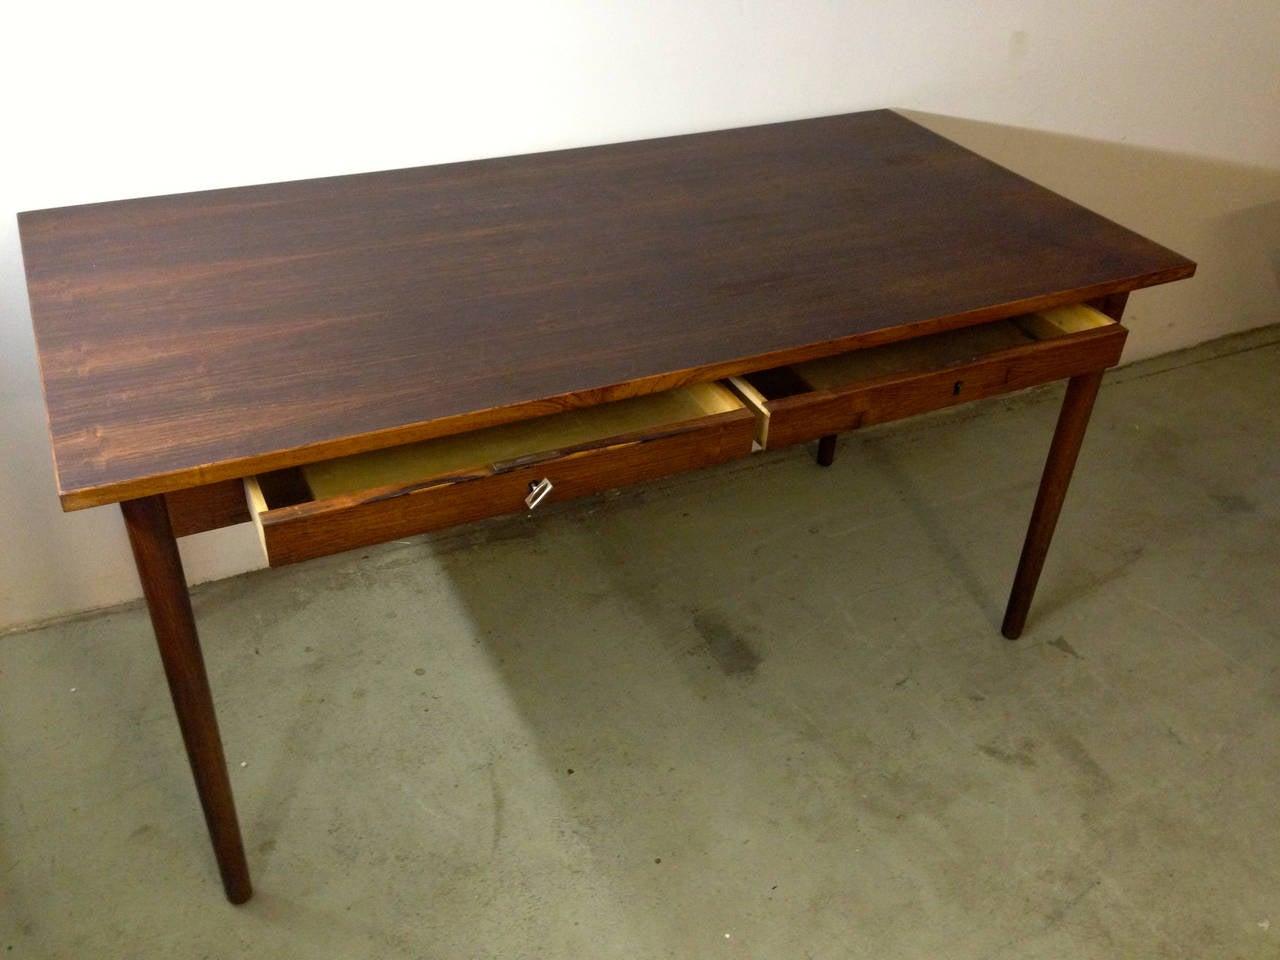 nice and elegant desk by arne vodder For Sale at 1stdibs